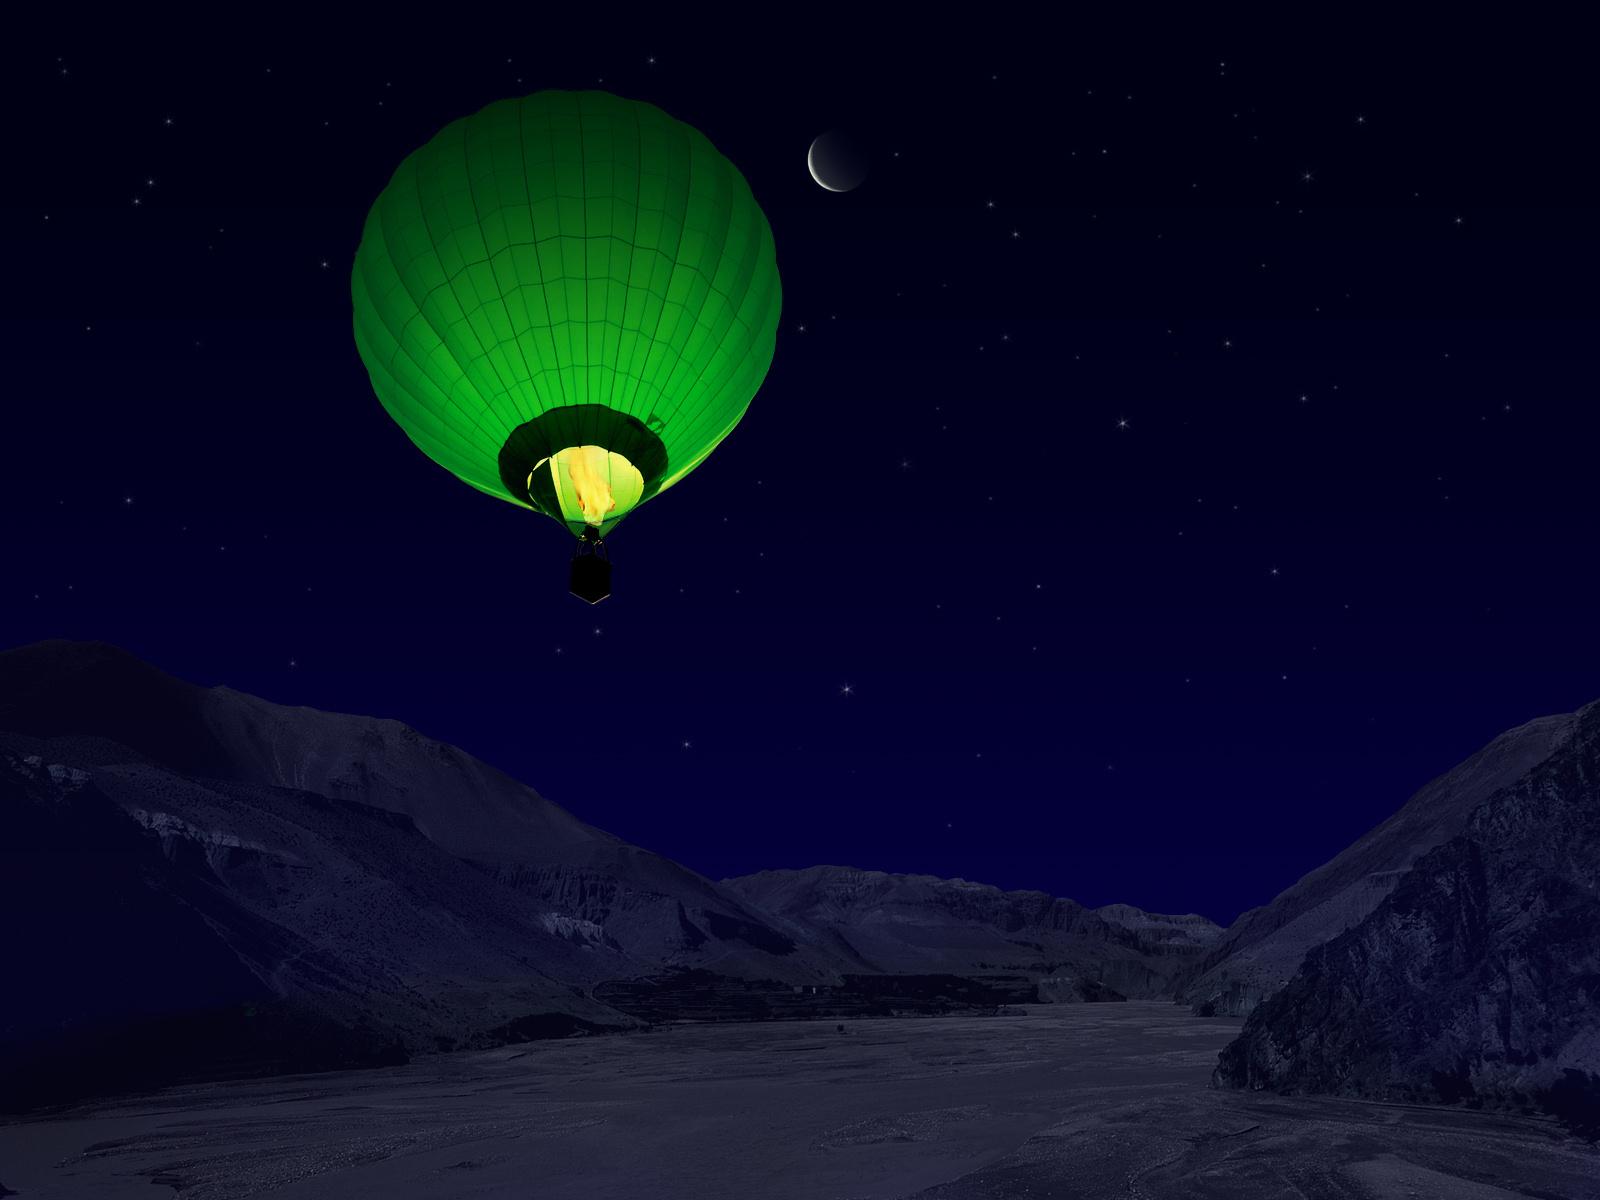 Best Wallpaper Night Hot Air Balloon - Nature___Other_Night_flying_in_a_hot_air_balloon_088182_  Picture-41733.jpg